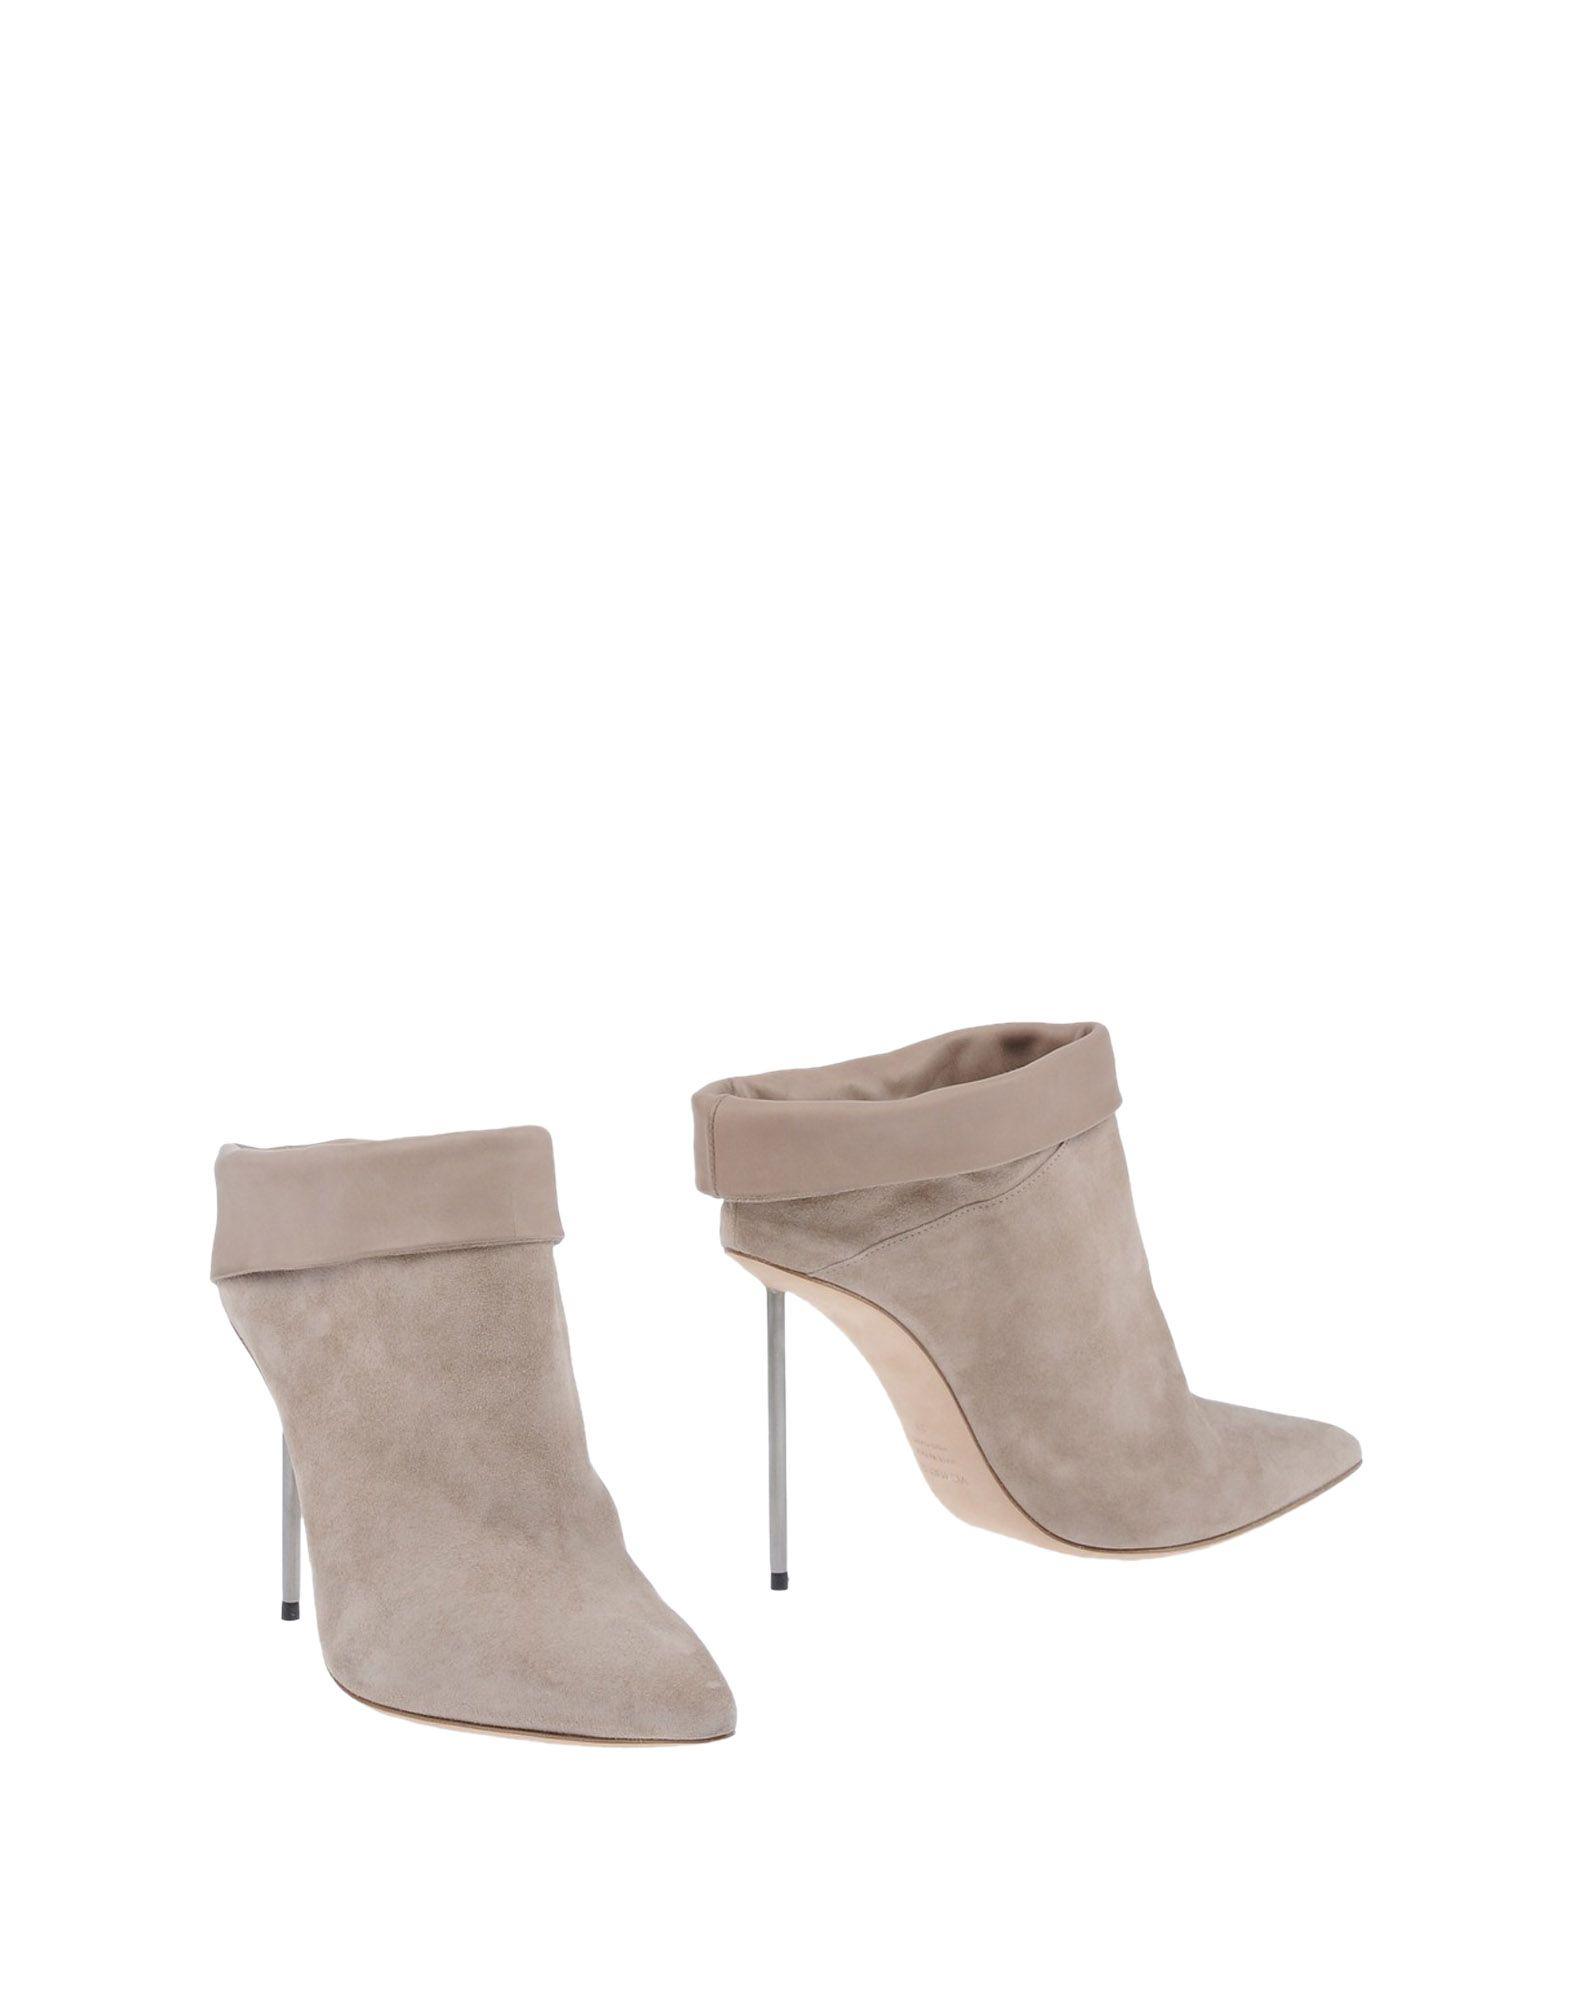 Vic Matiē Stiefelette Damen  11454508QC Neue Schuhe